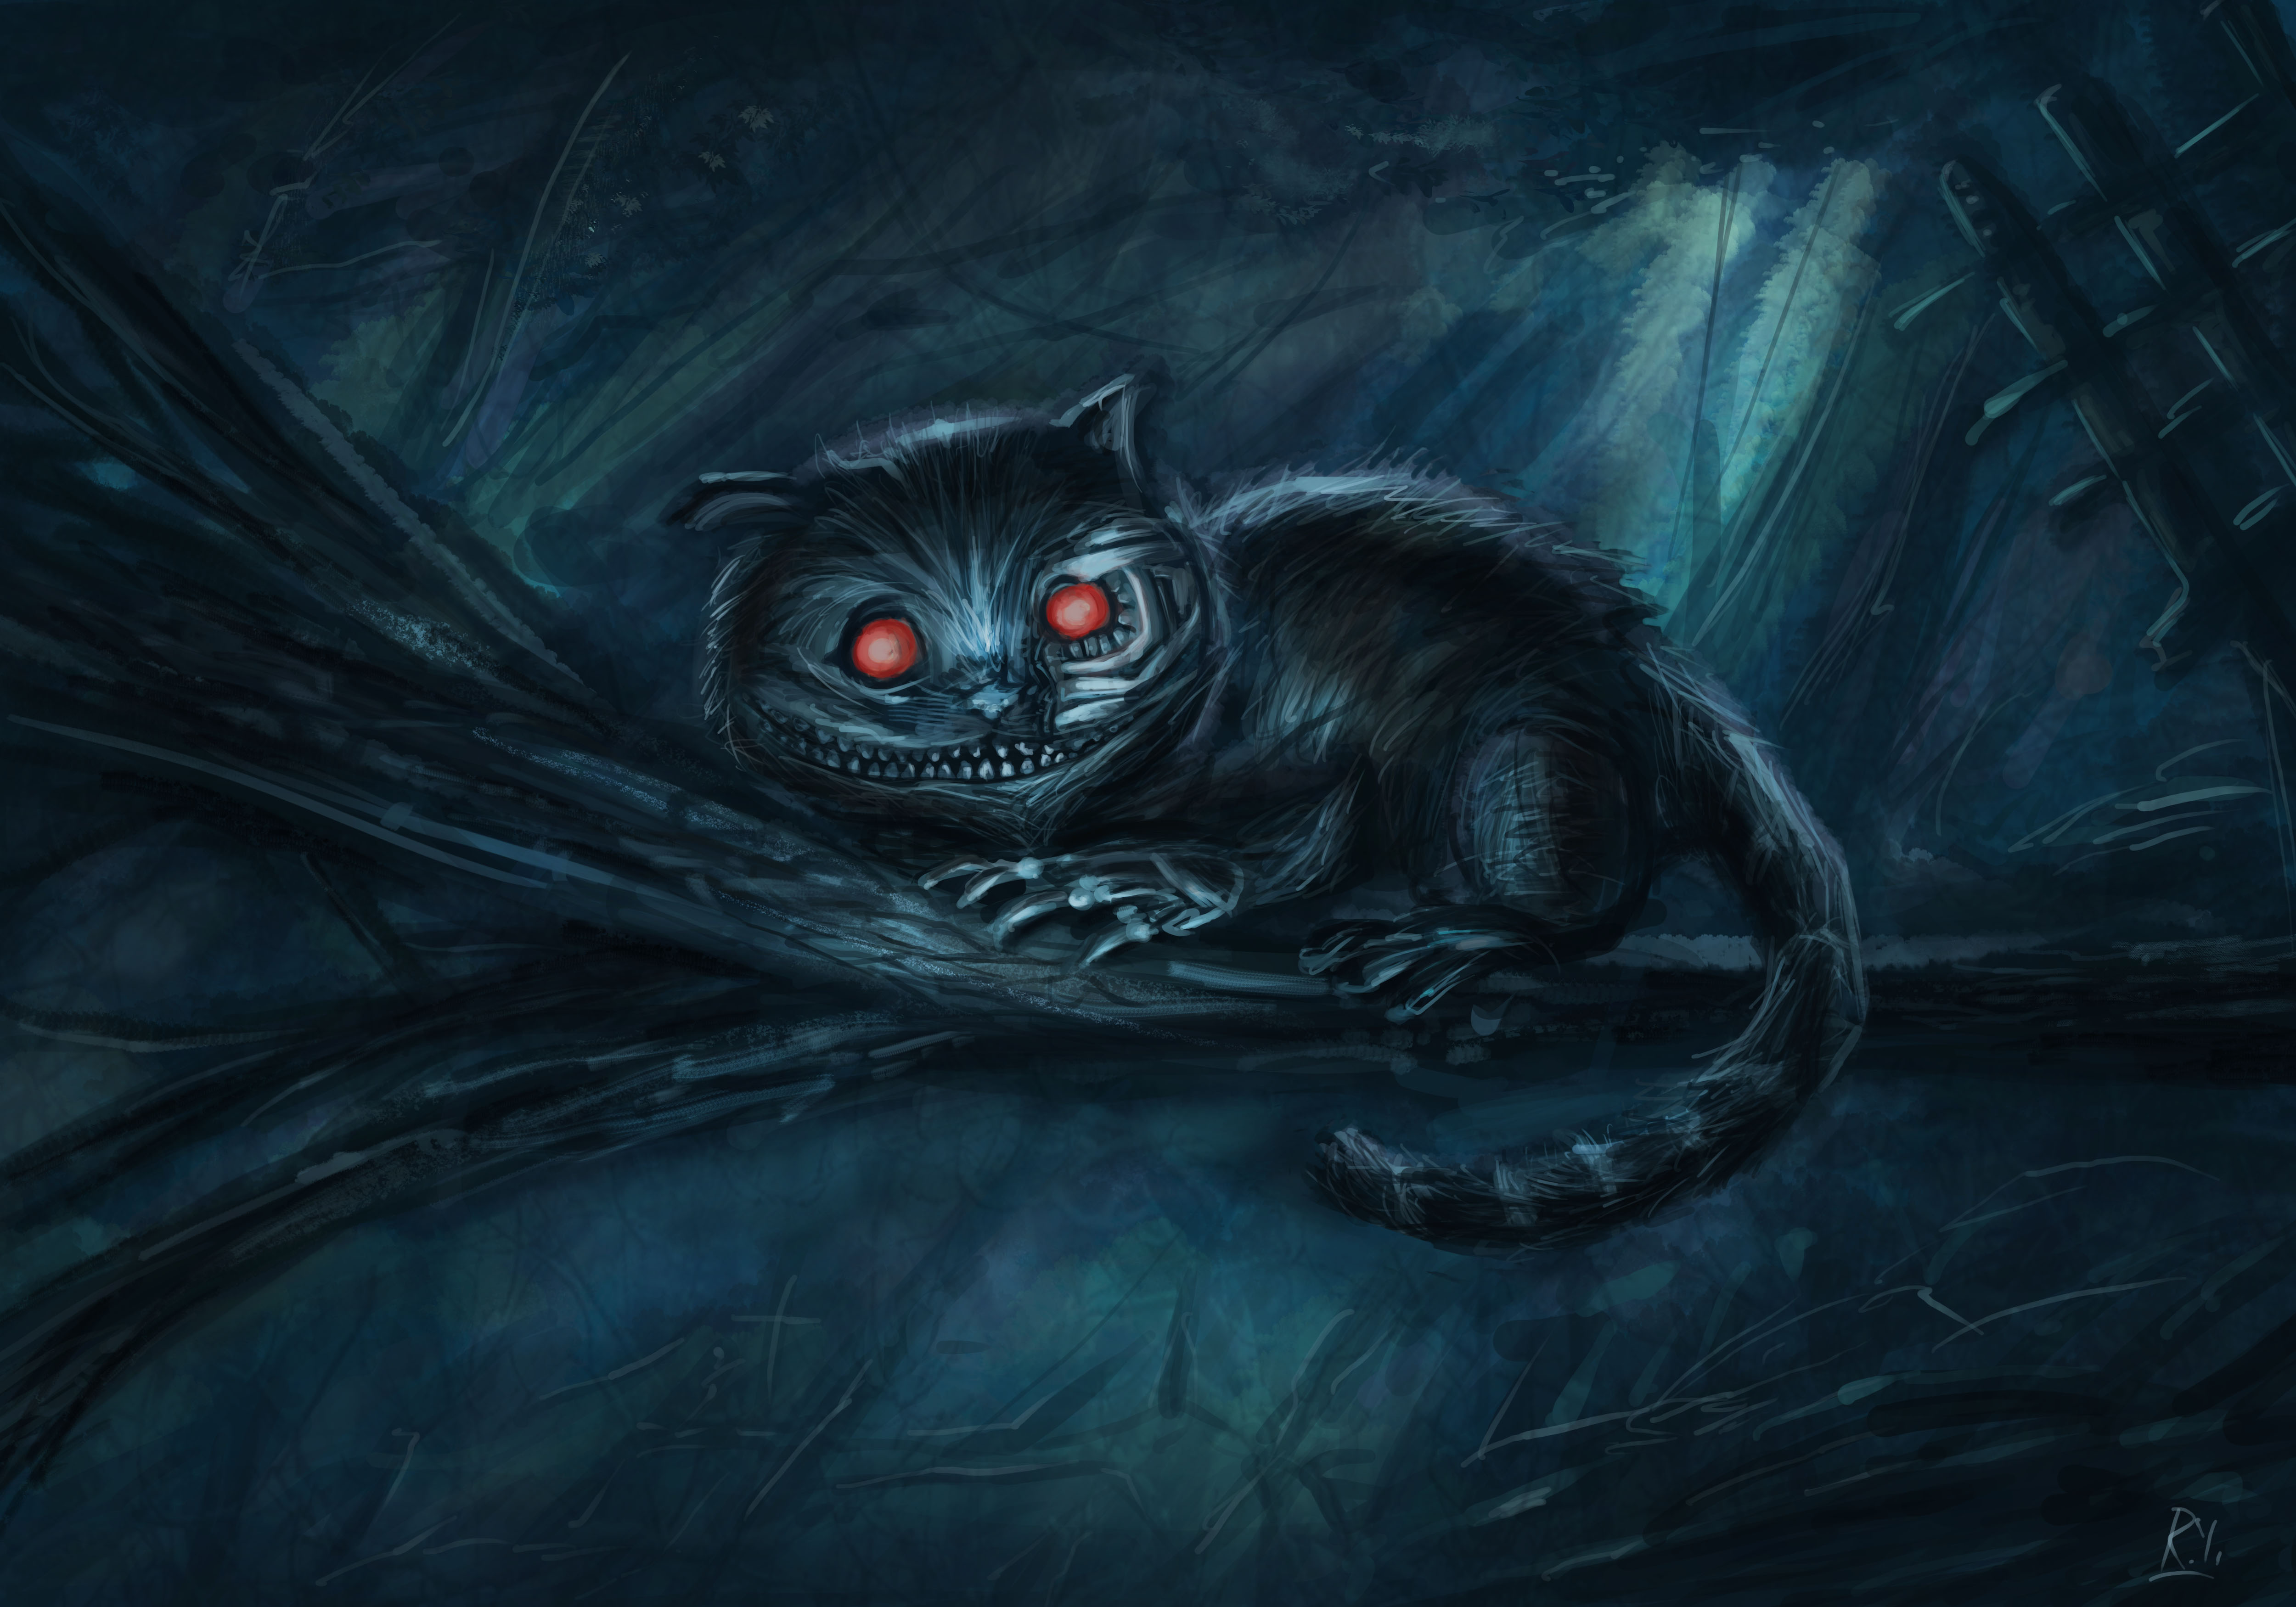 Картинки чеширскими кошками